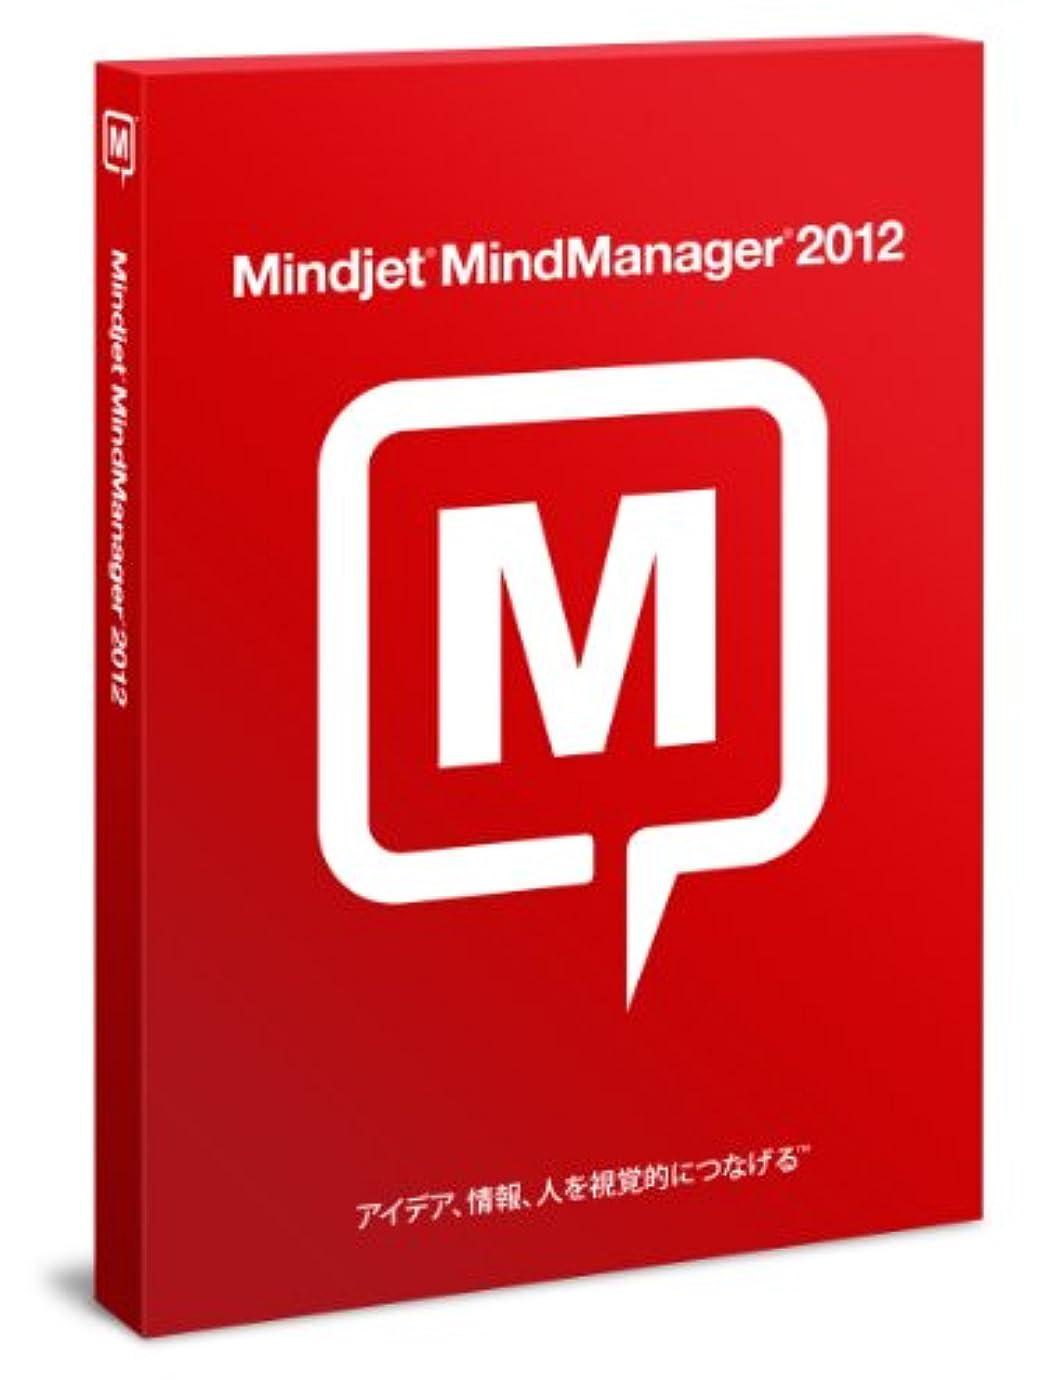 東部冒険ナンセンスUpgrade to MindManager 2012 Professional for Windows アカデミック版 1 User 日本語版